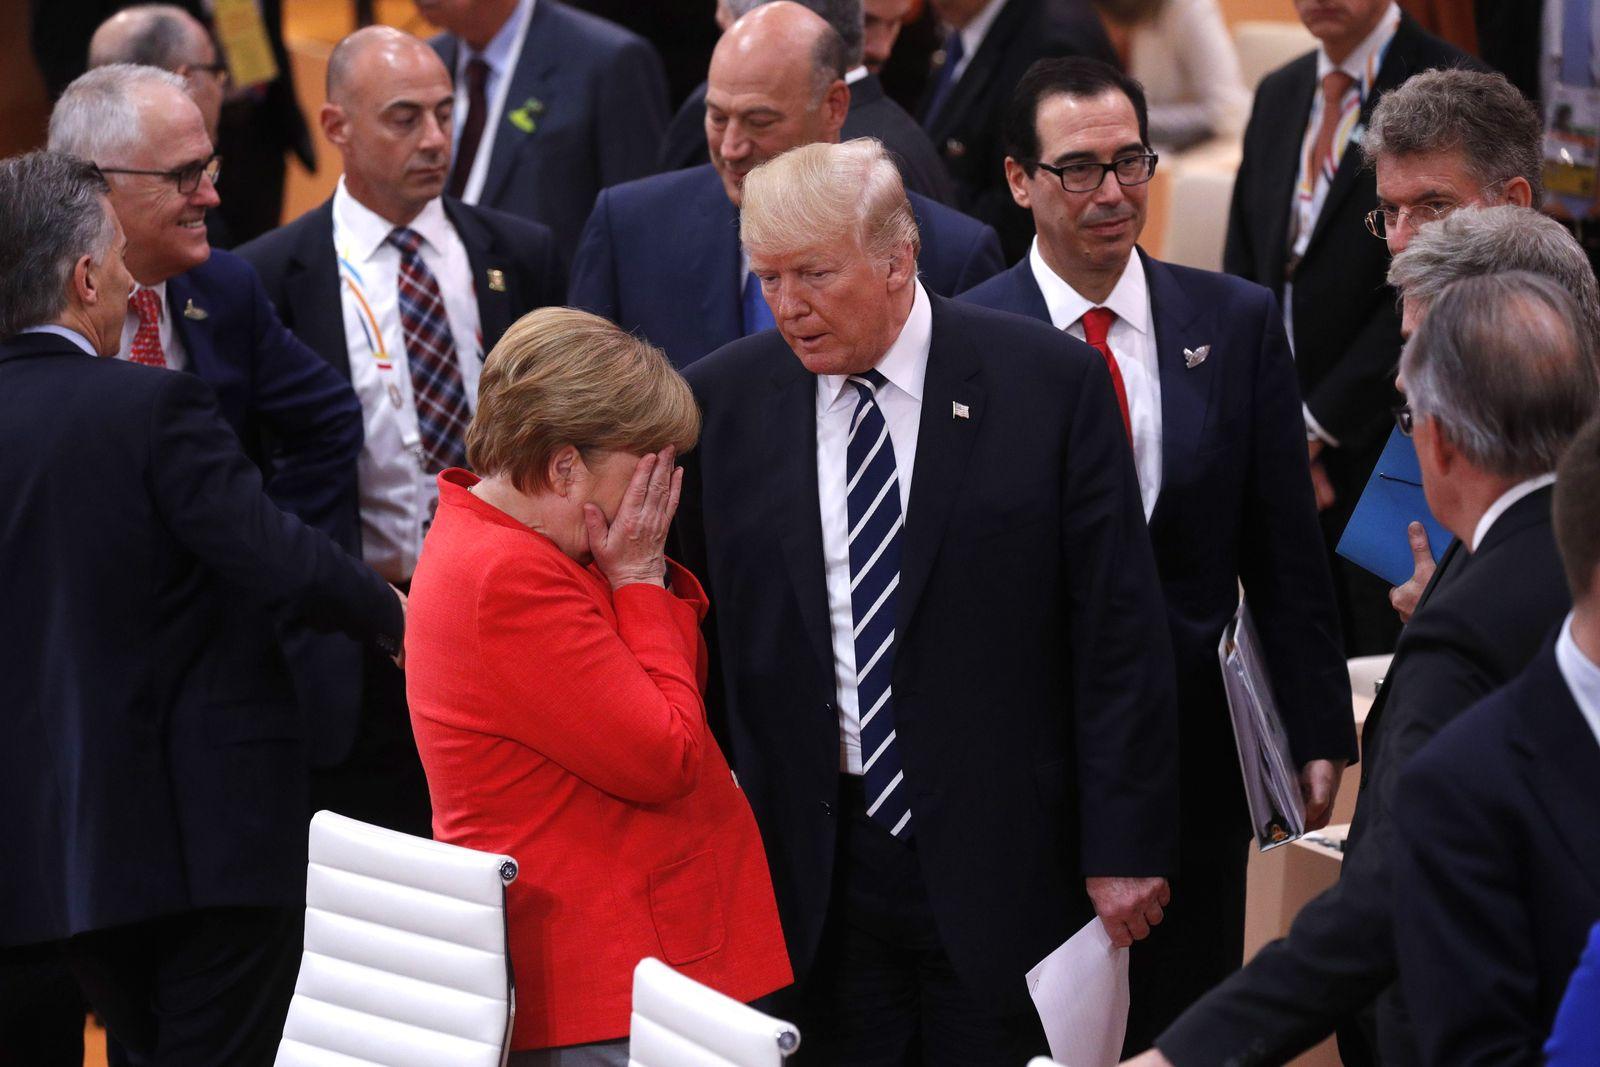 G20/ Messehallen/ Freitag / Trump / Merkel